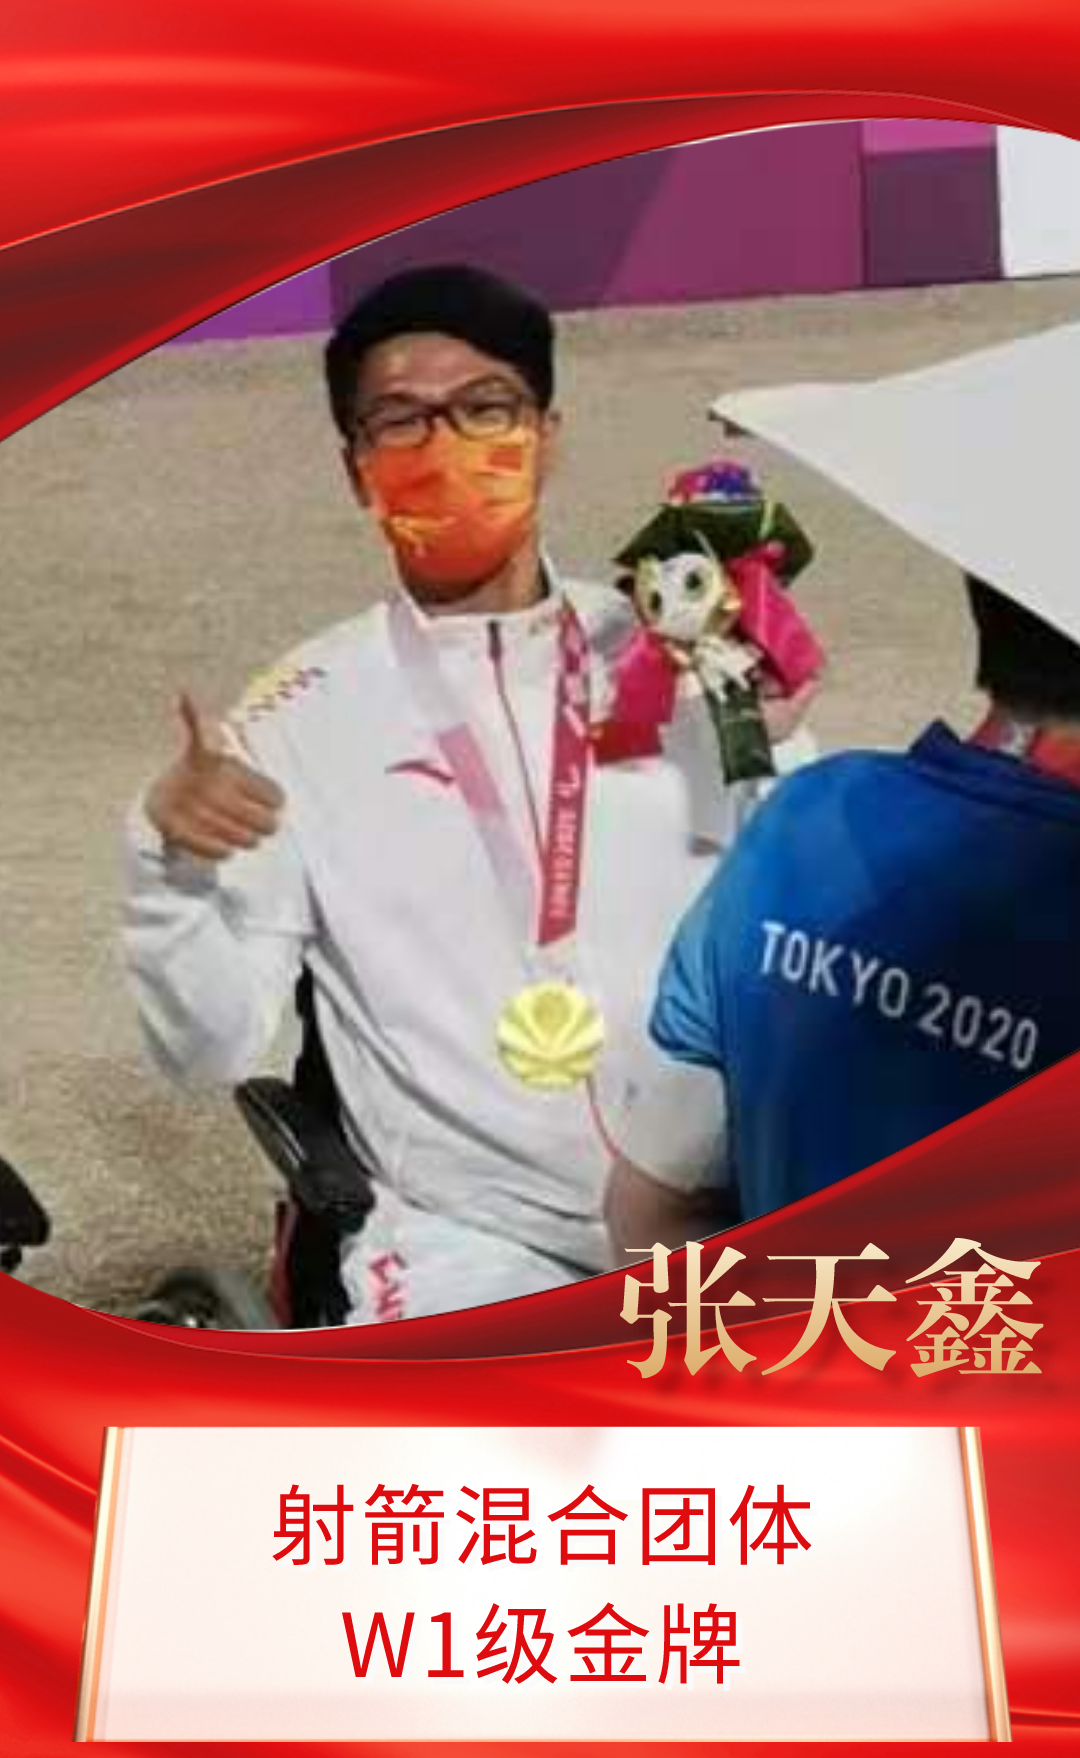 再夺3金2银3铜!省委省政府致电祝贺浙江省残奥会运动员取得佳绩